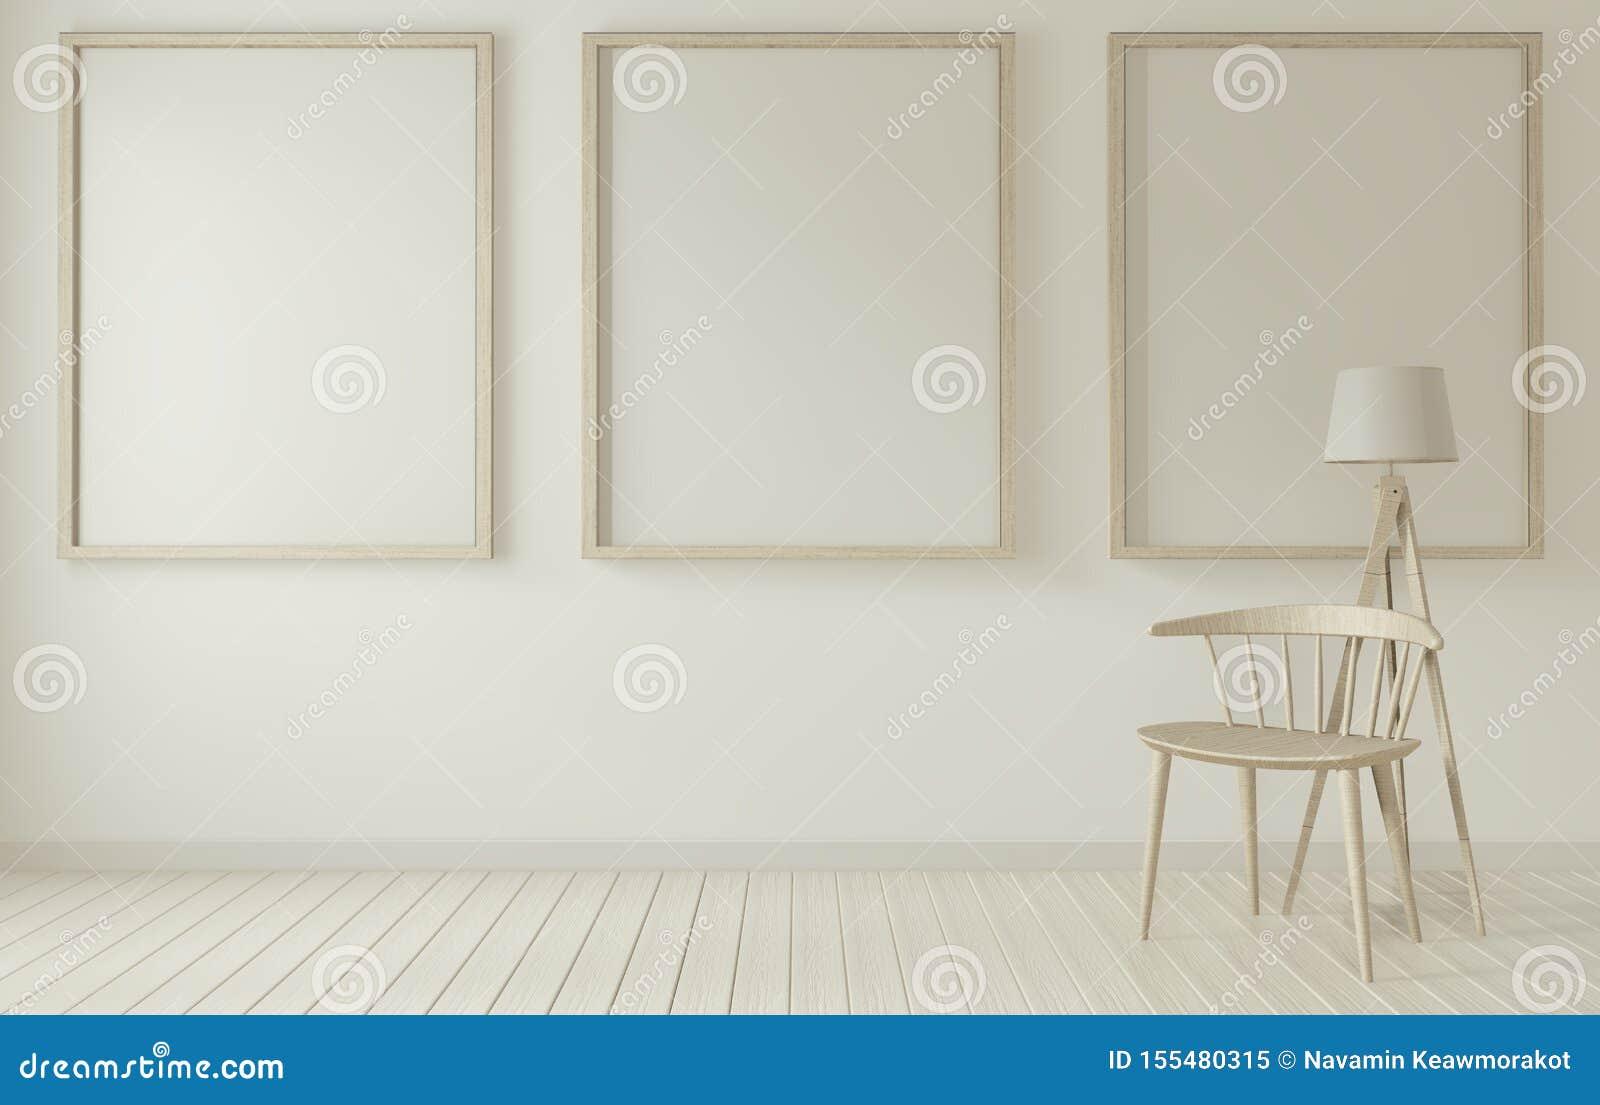 Opmaak van posterframe en witte stoel op witte woonkamer 3D-rendering